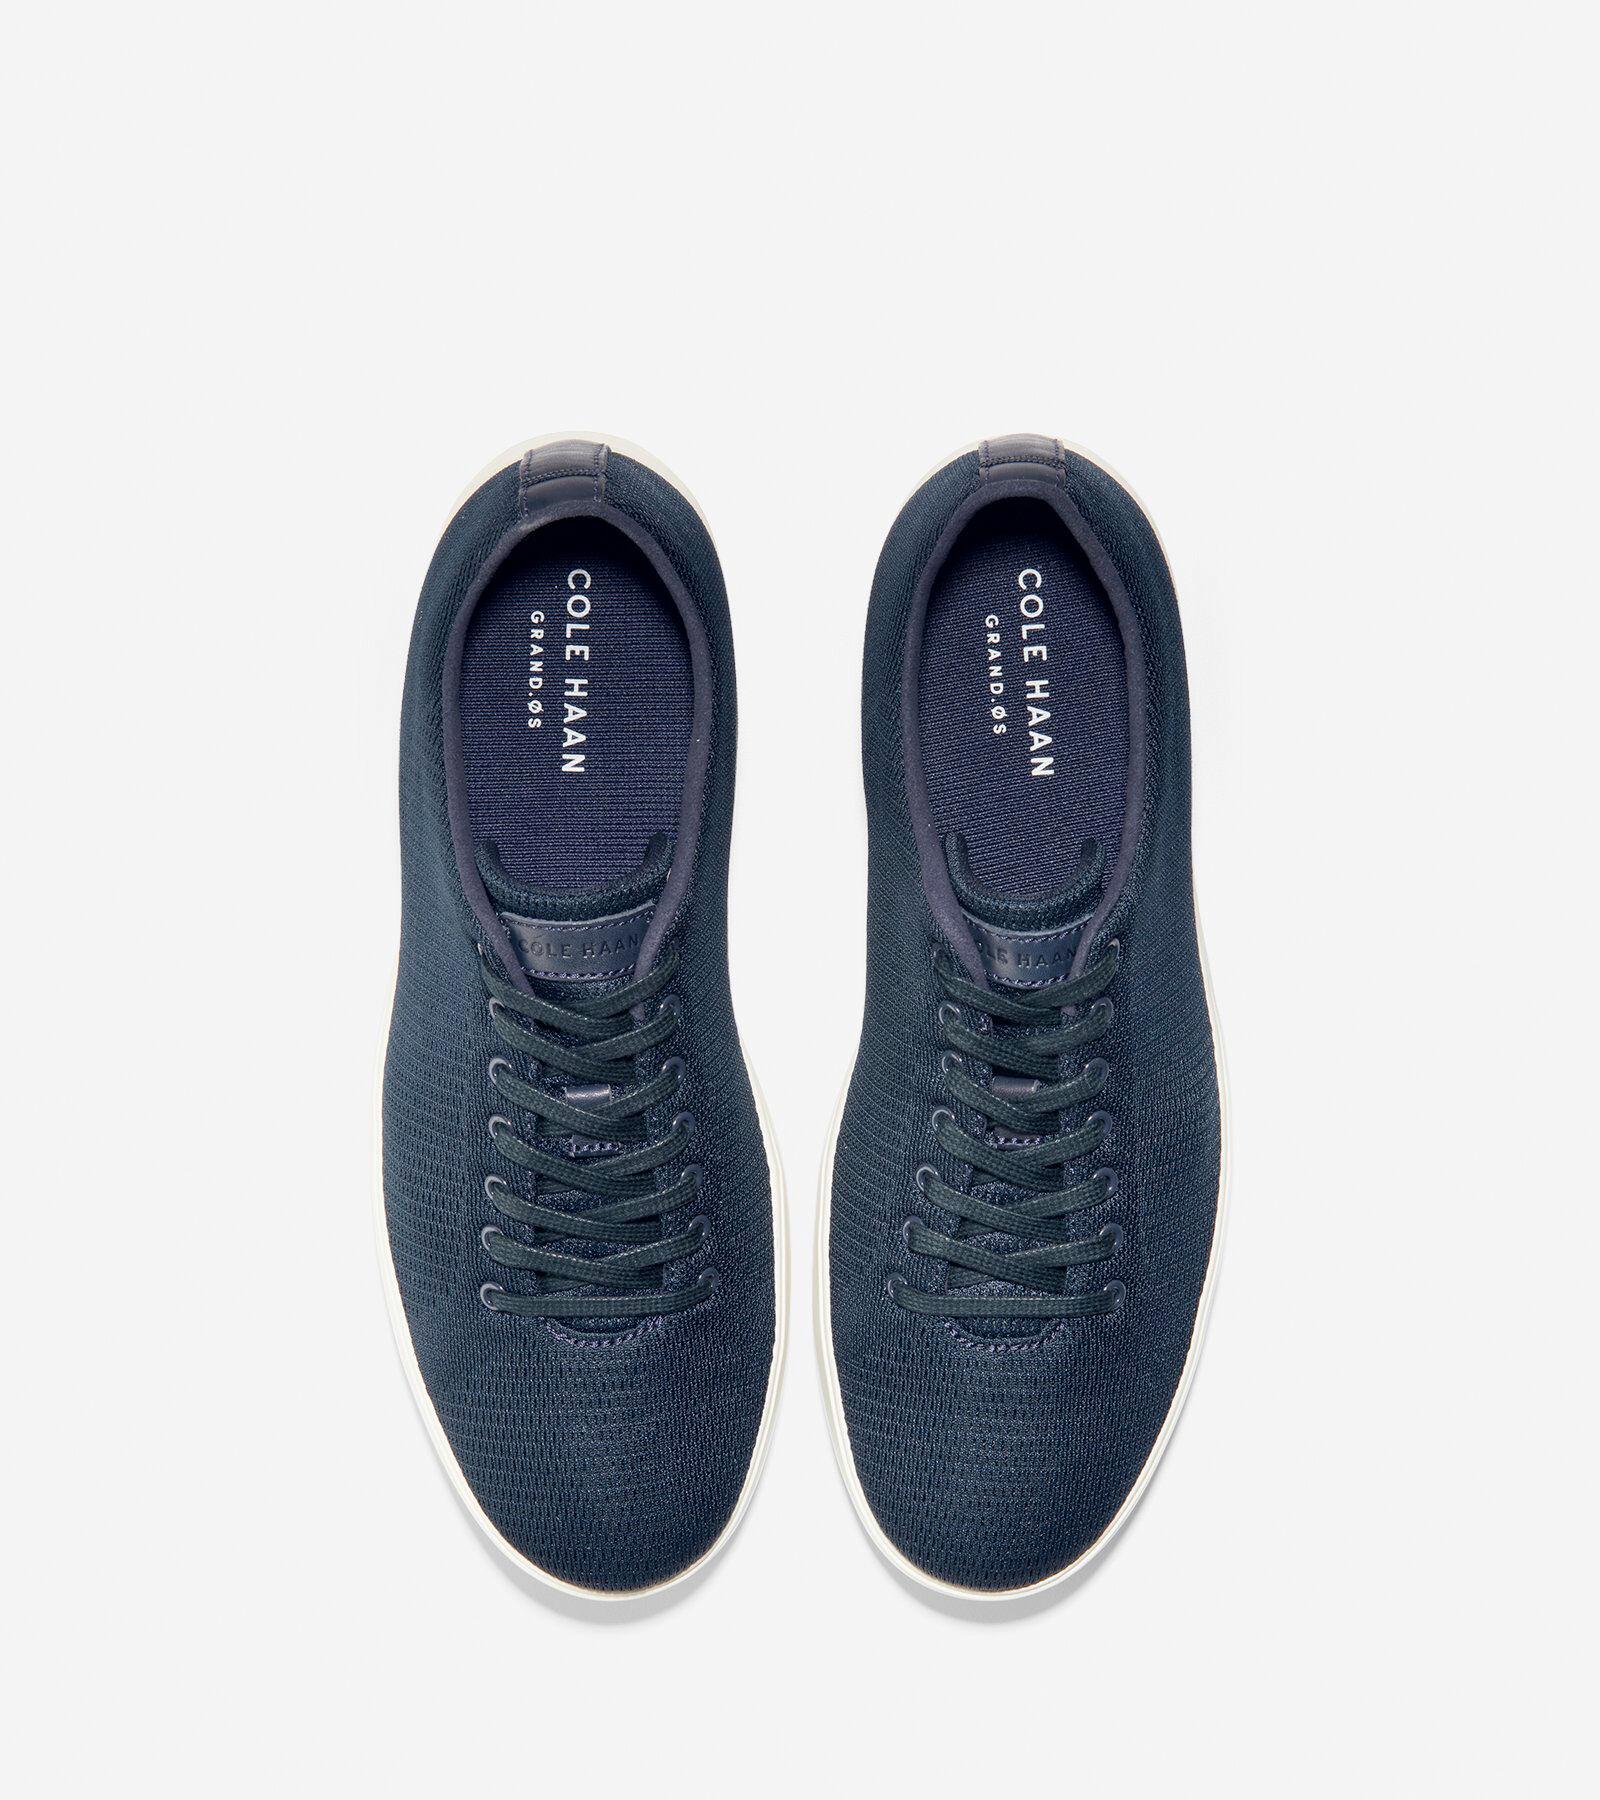 Grand Crosscourt Sneaker in Navy Knit